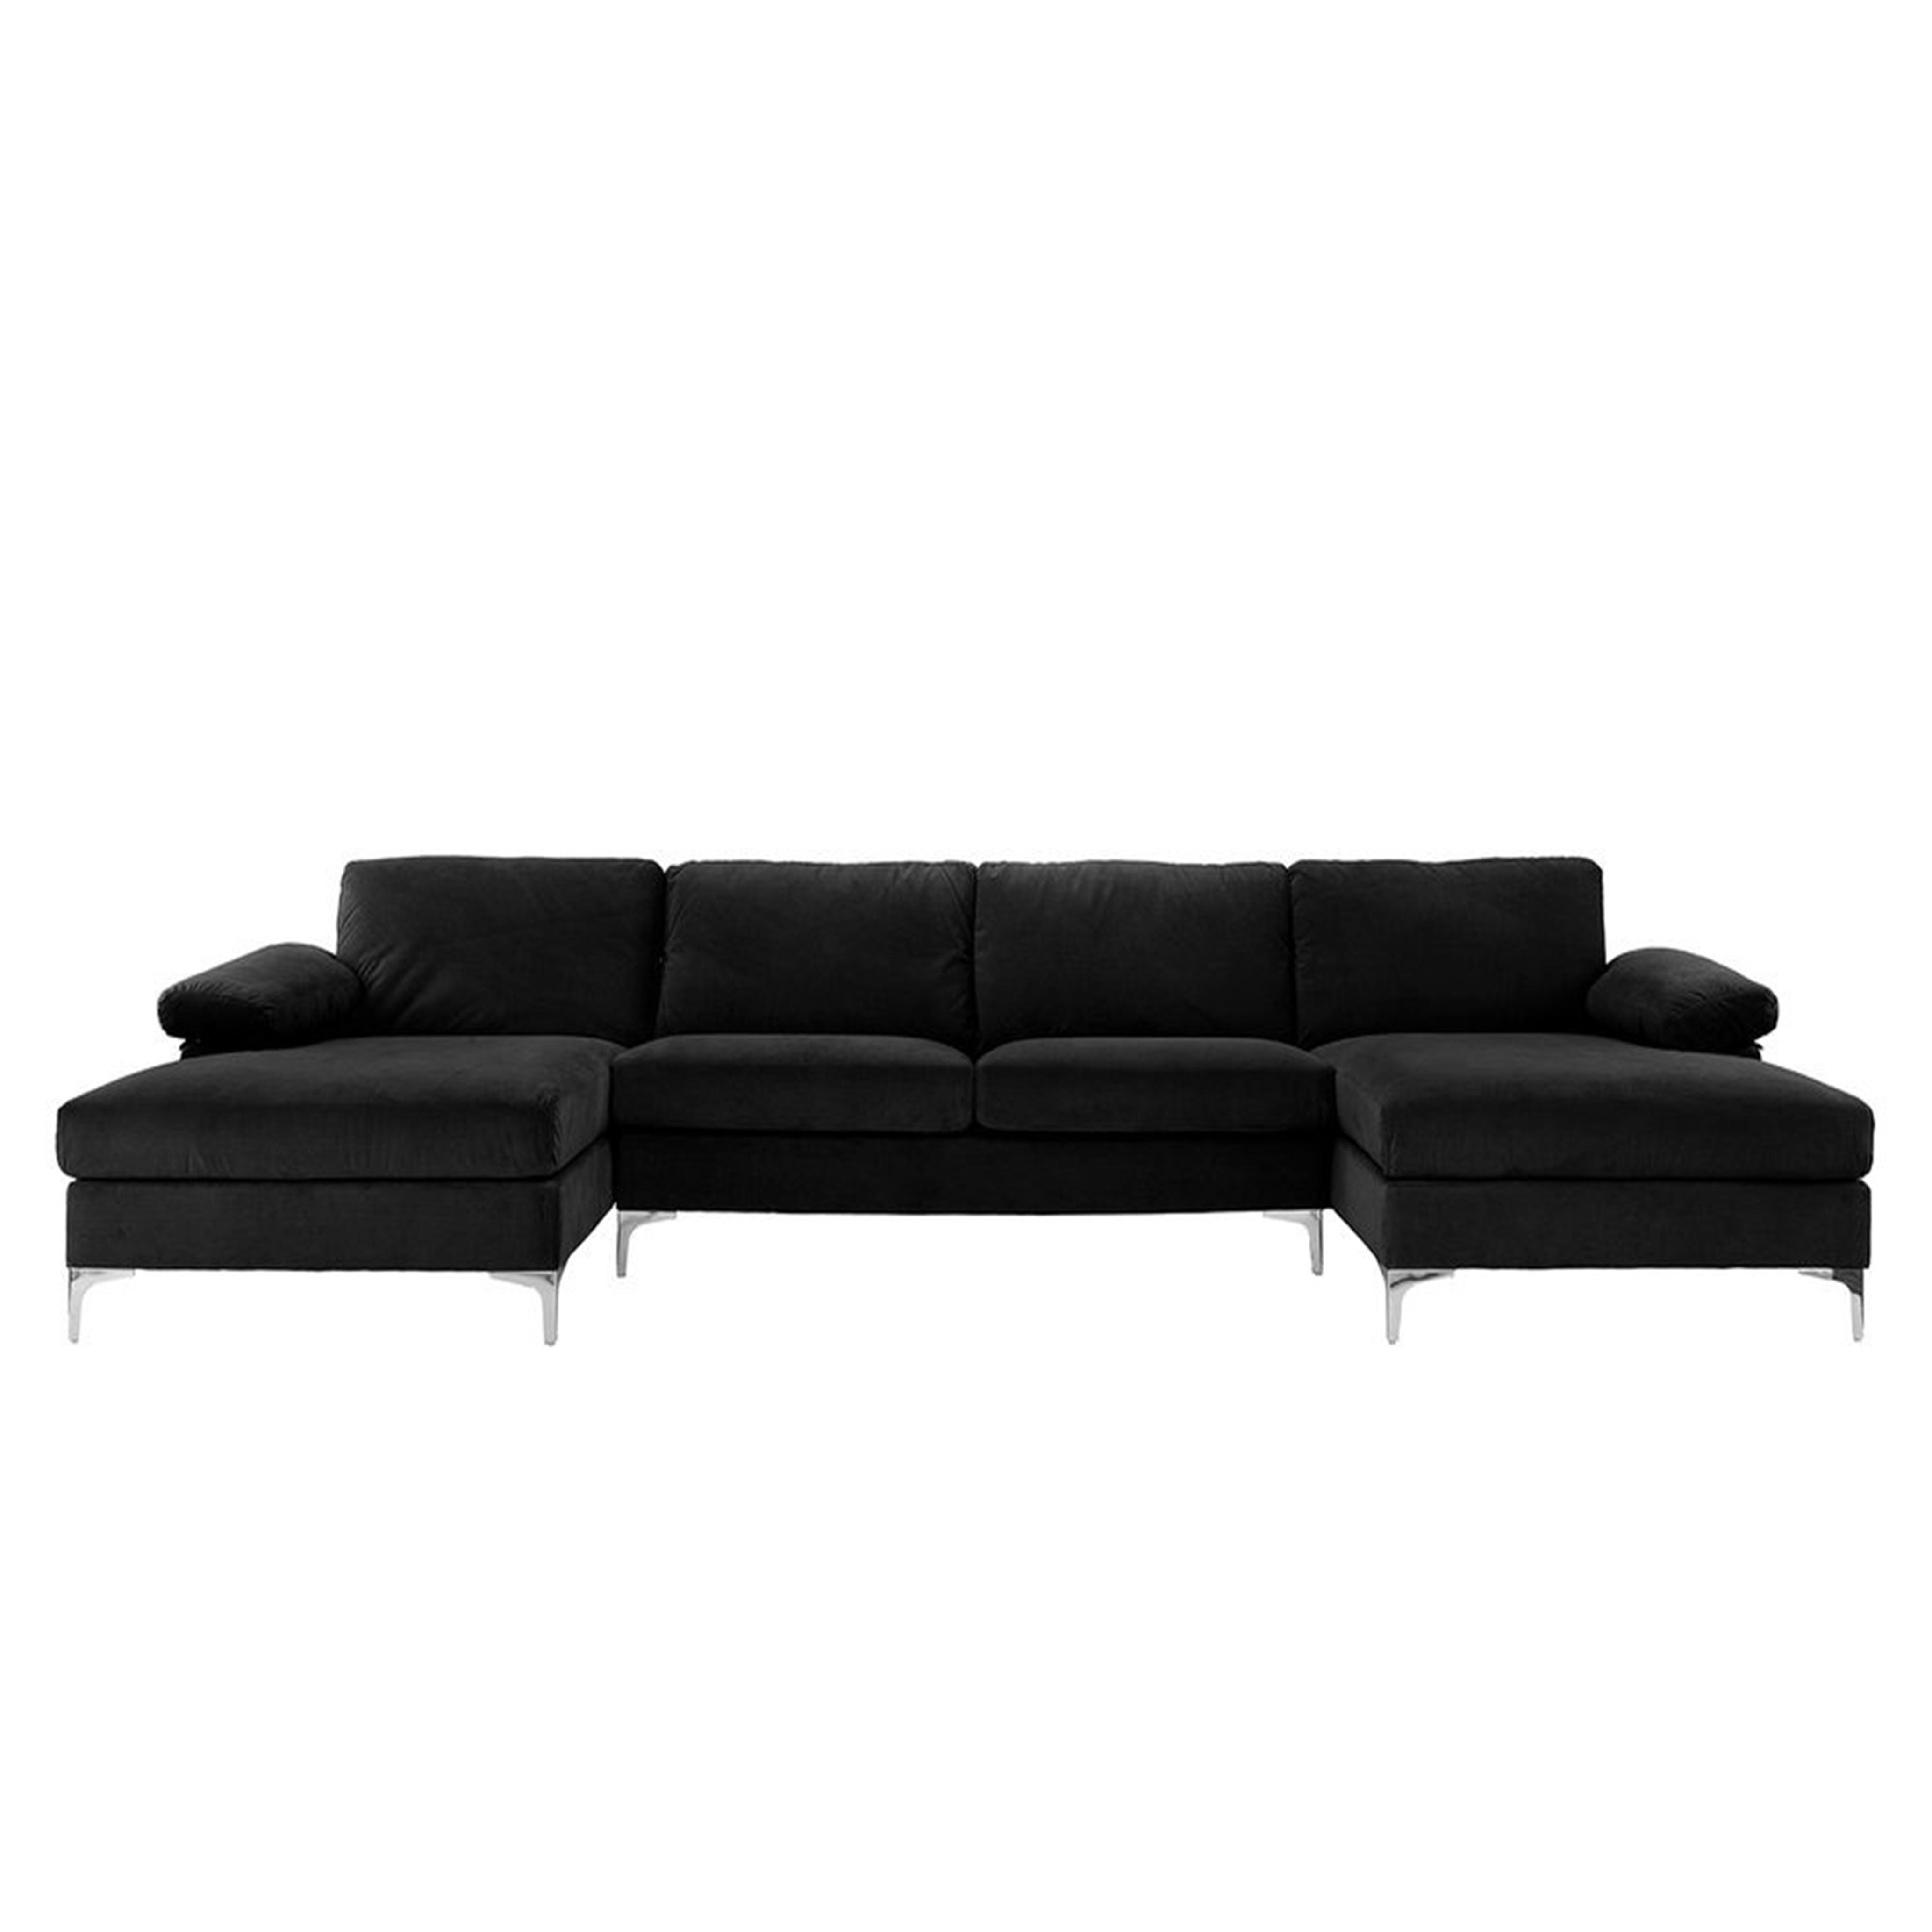 Canapé d'angle panoramique 7 places velours noir